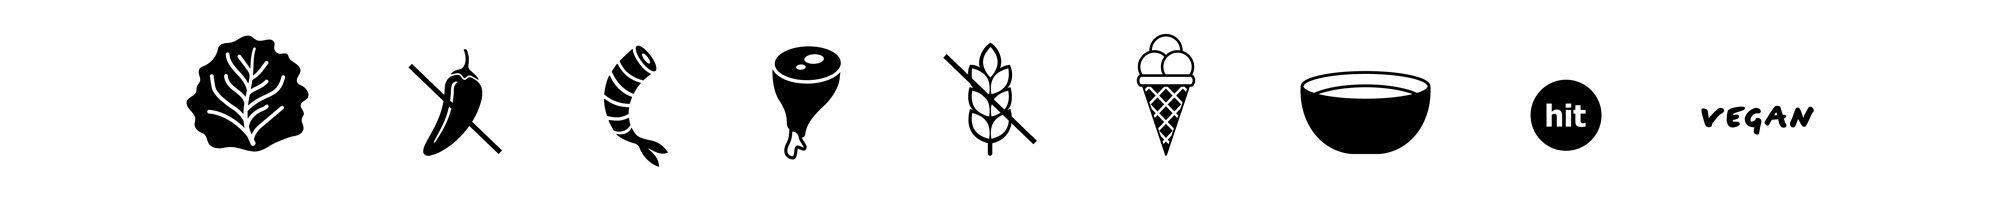 collections de pictogrammes sur mesure, pour le restaurant-boutique Articulo 123, dessinés pour l'identité de la marque et les menus par Ich&Kar